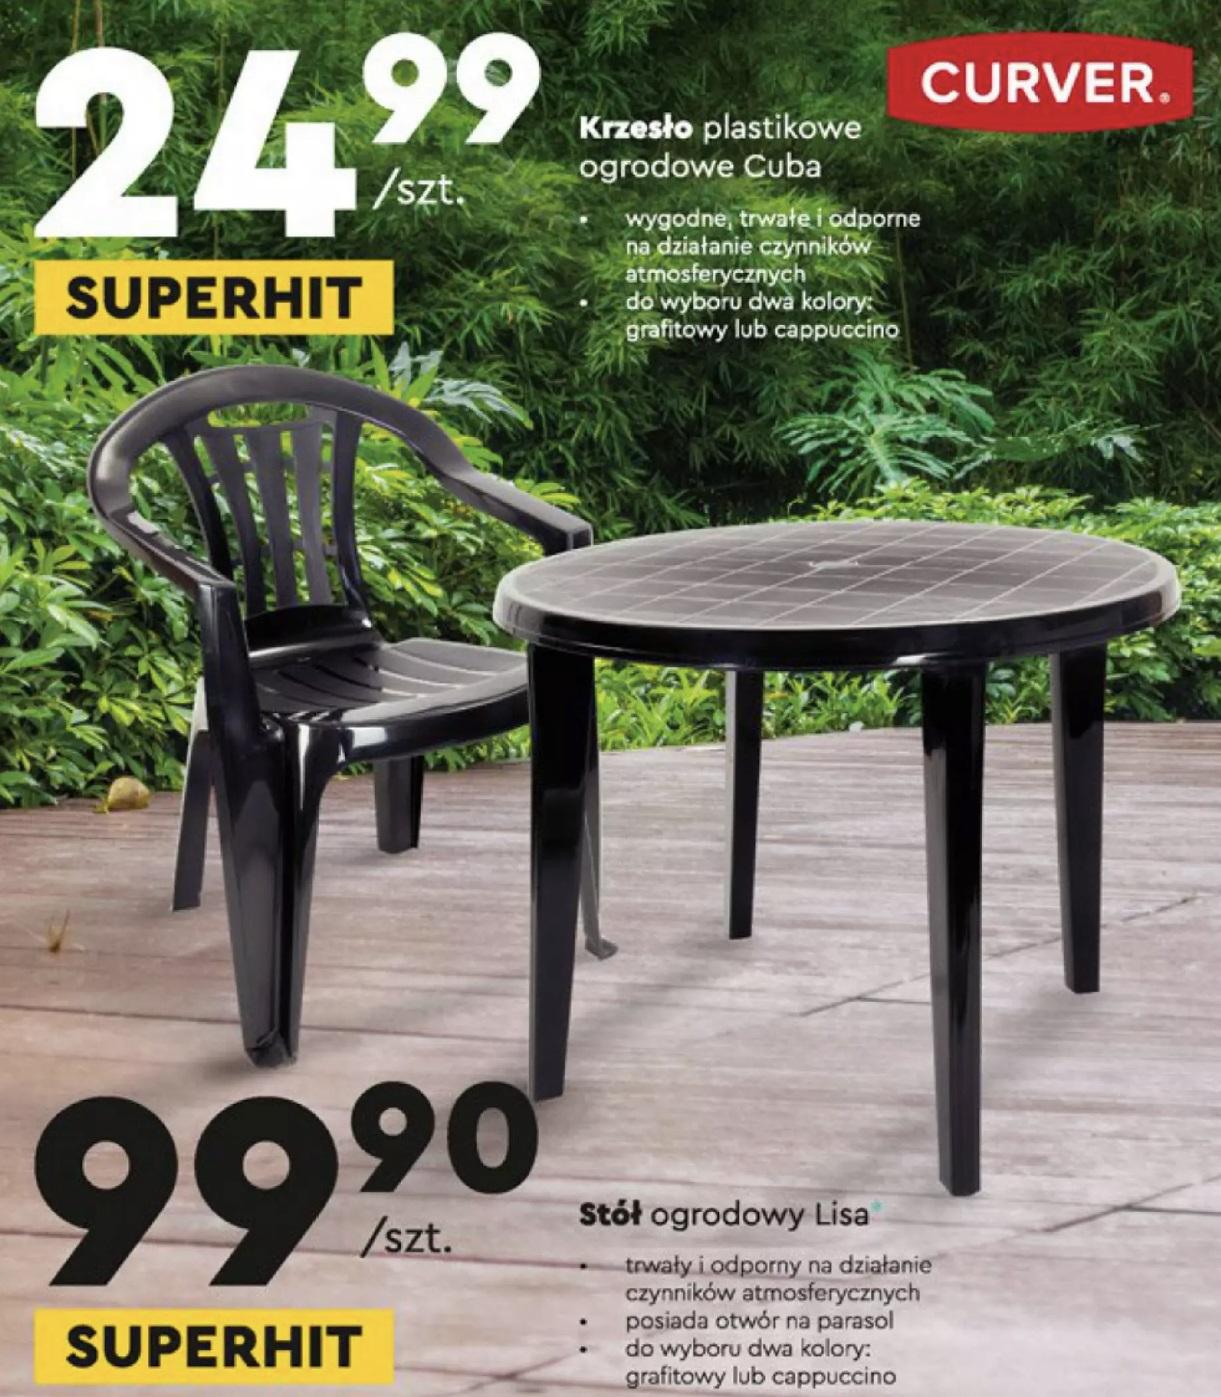 plastikowe krzesło ogrodowe w biedronce Keter/Curver Cuba grafit/cappuchino